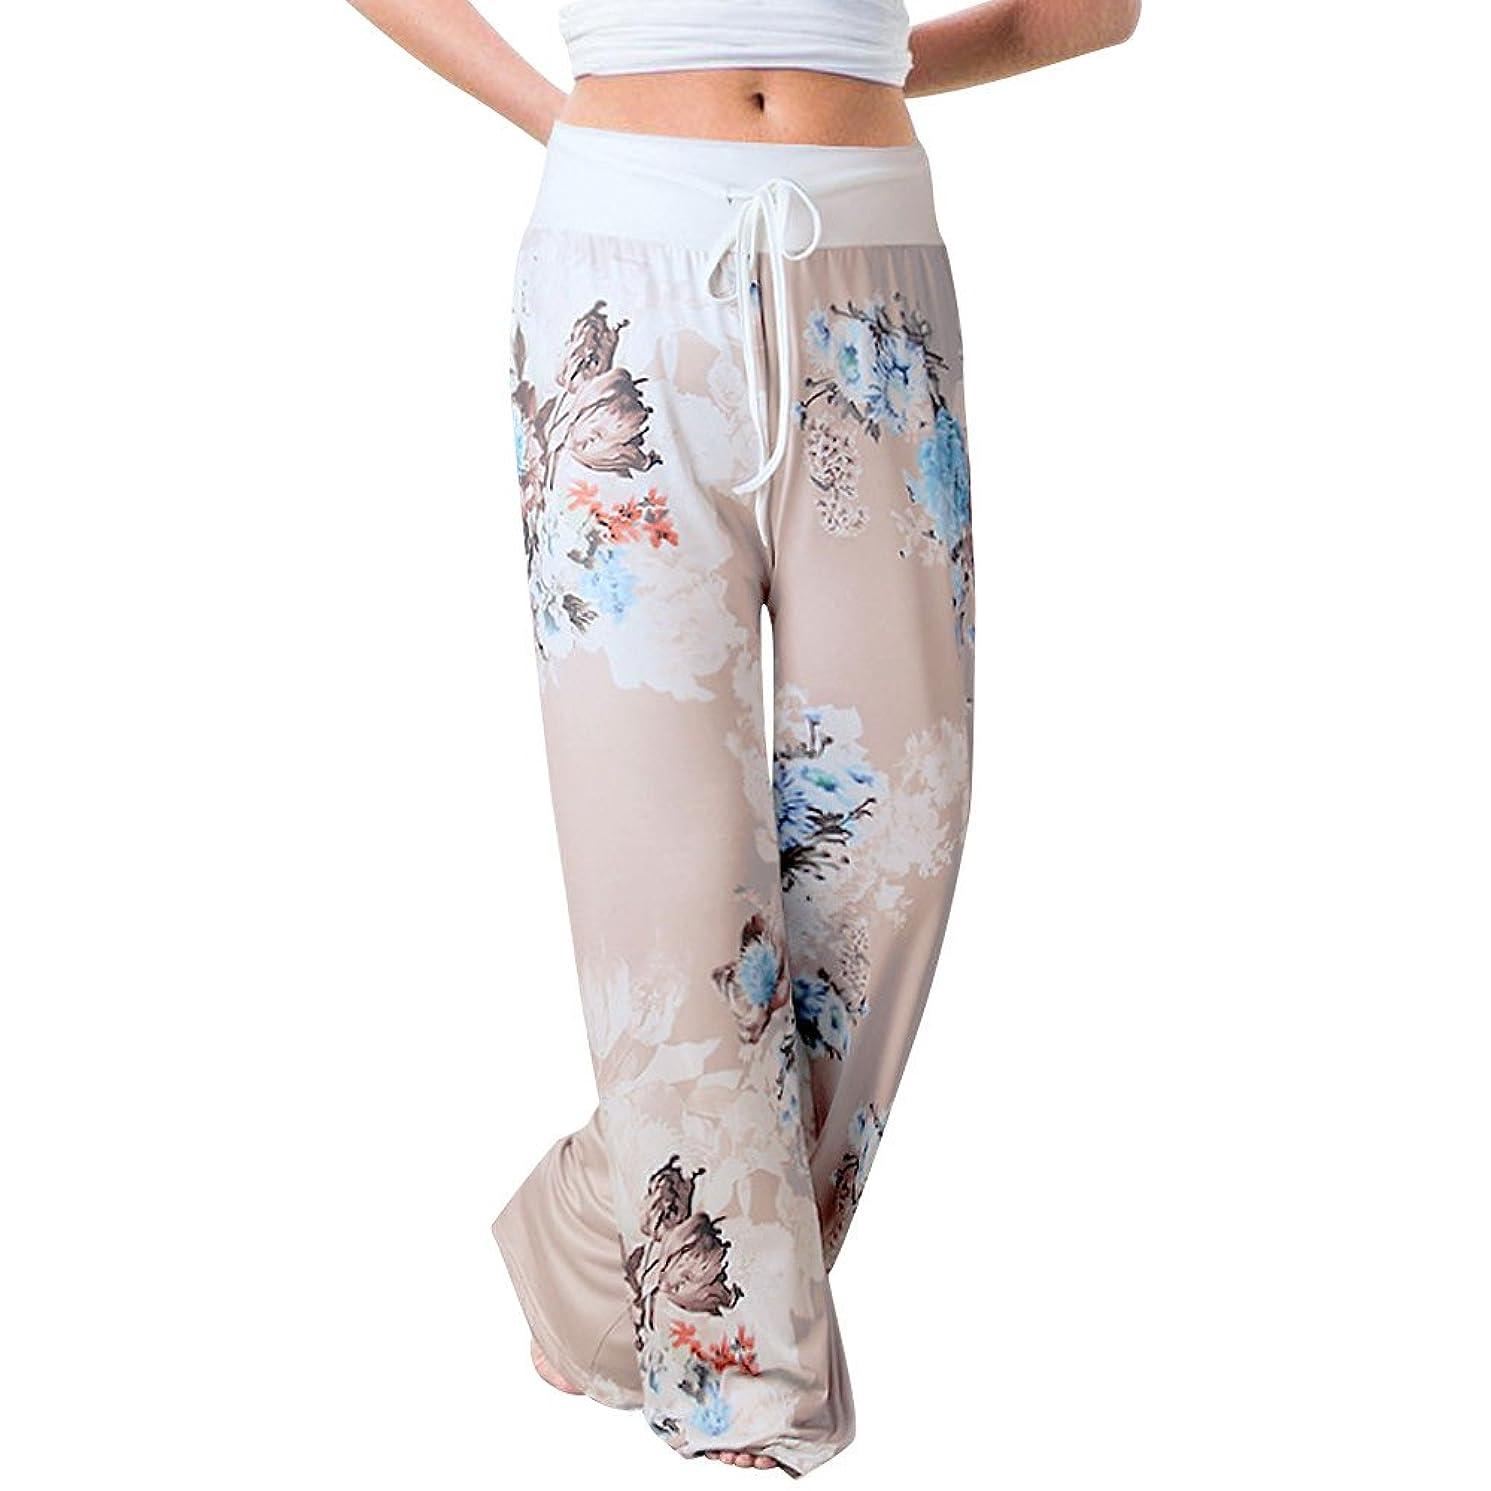 Todaies Womens Wide Leg Lounge Pants,Comfy Stretch Floral Print Drawstring Palazzo Pants (Khaki 1, 2XL)